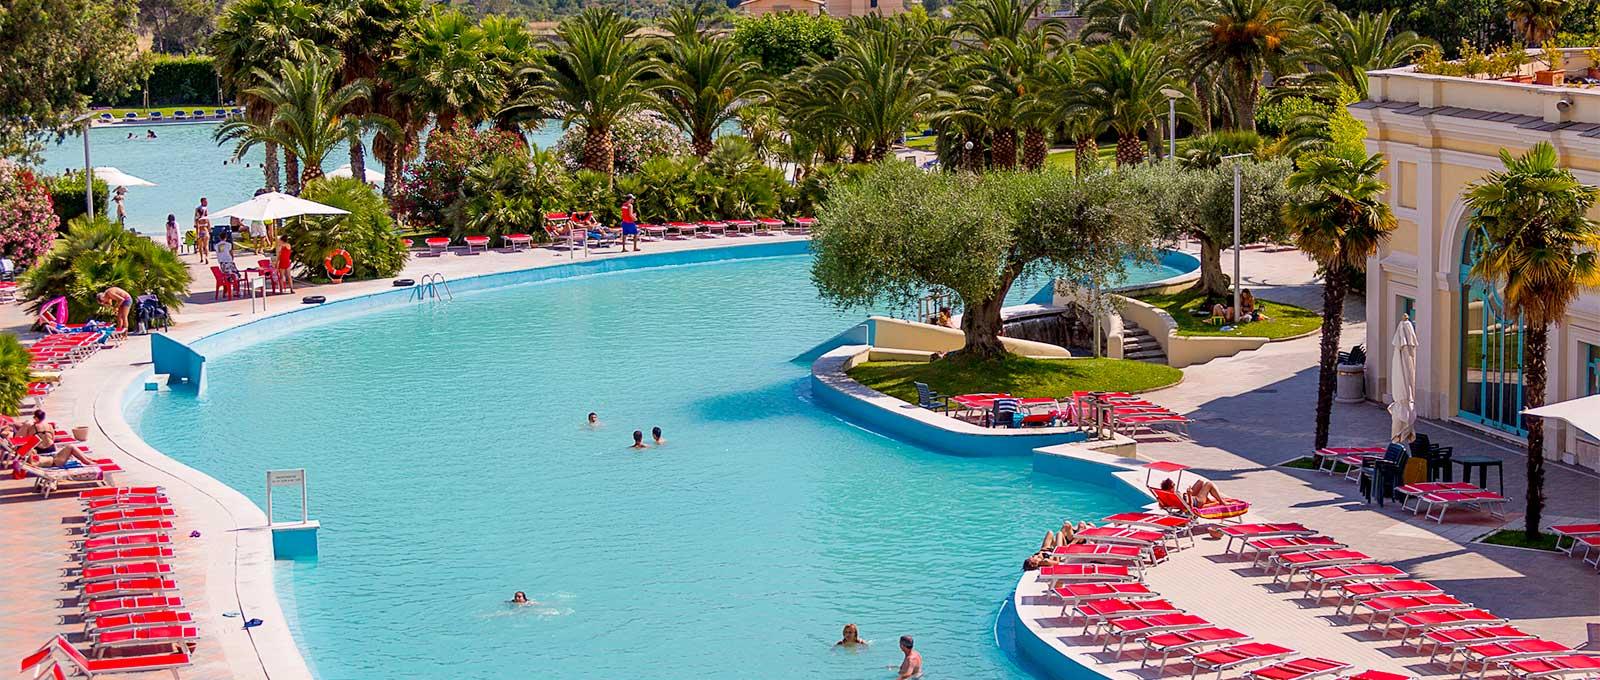 Hotel termale nel lazio con 6000 mq di bagni e piscine di acqua termale victoria terme hotel - Bagni di tivoli roma ...